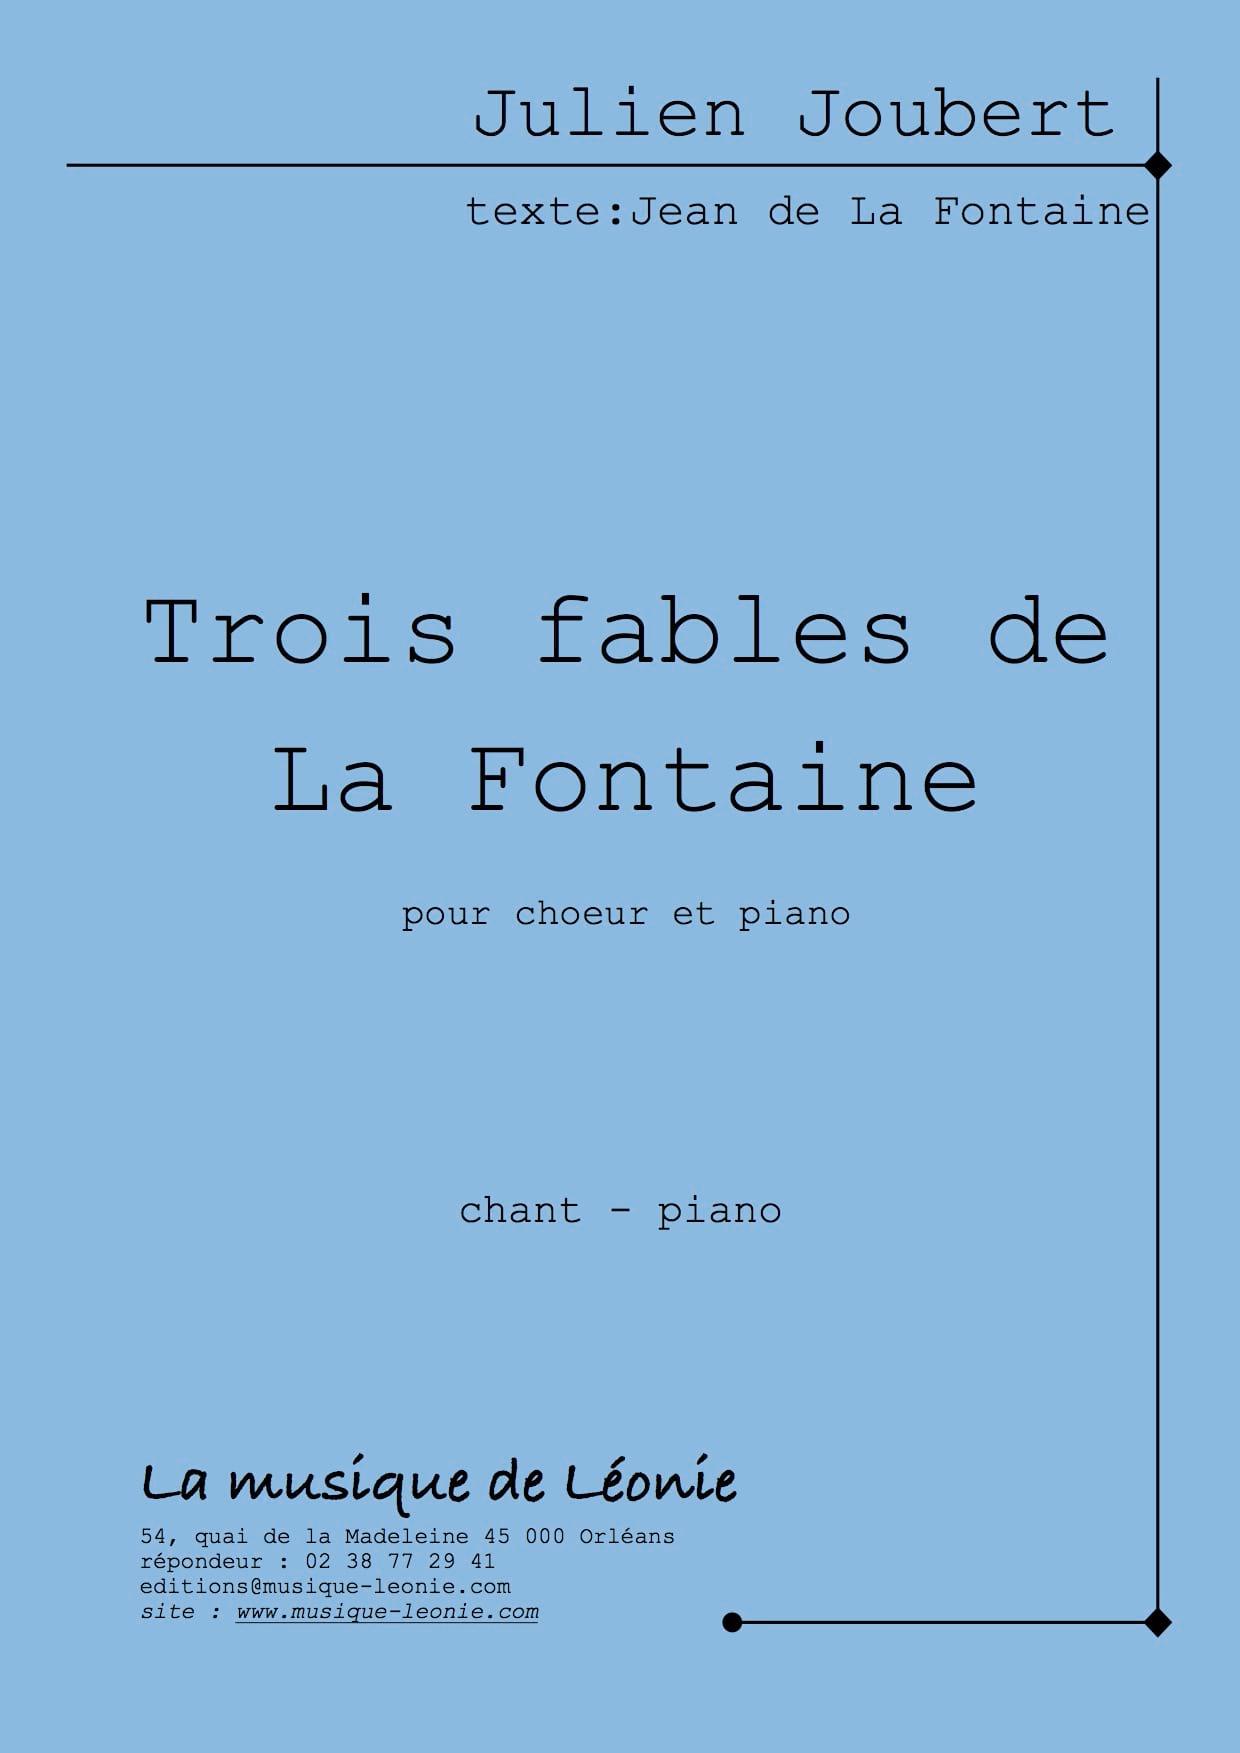 3 fables de La Fontaine - Julien Joubert - laflutedepan.com